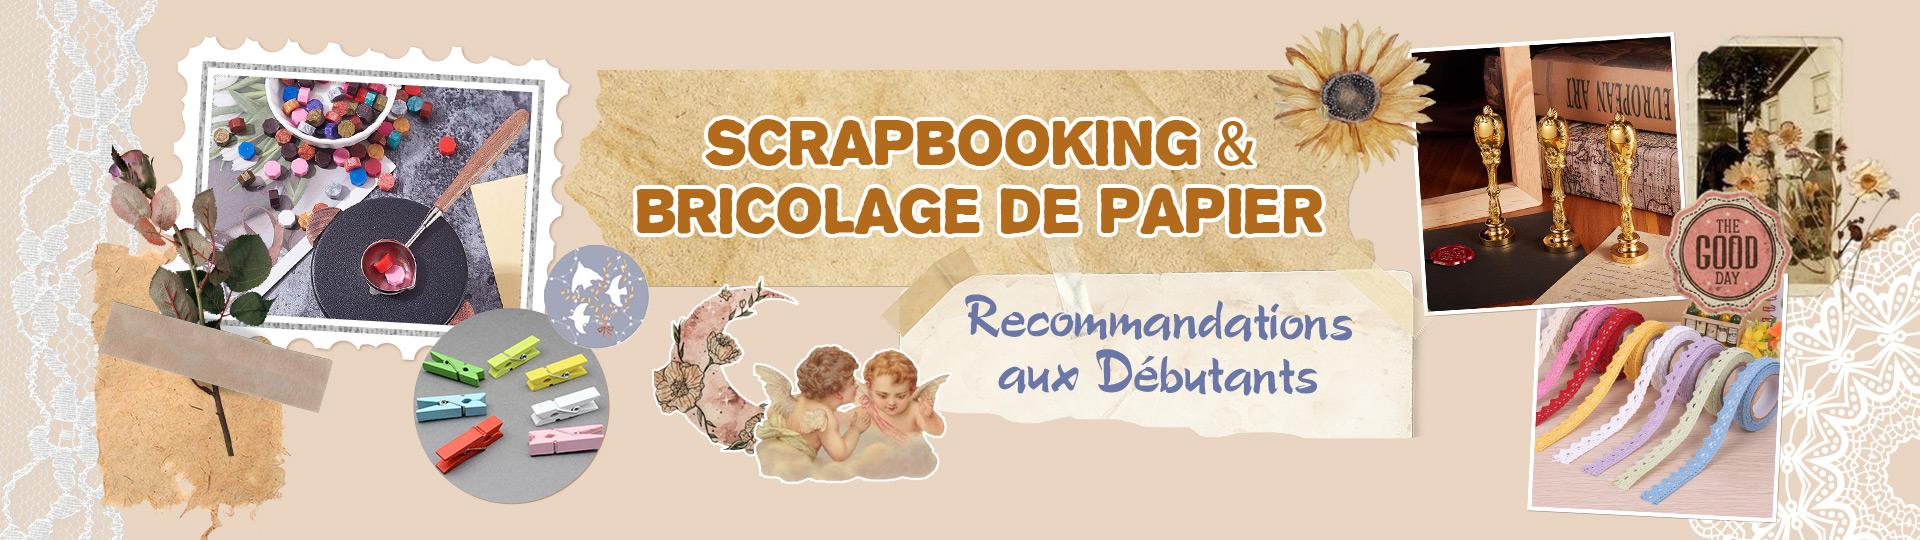 Scrapbooking & Bricolage de Papier